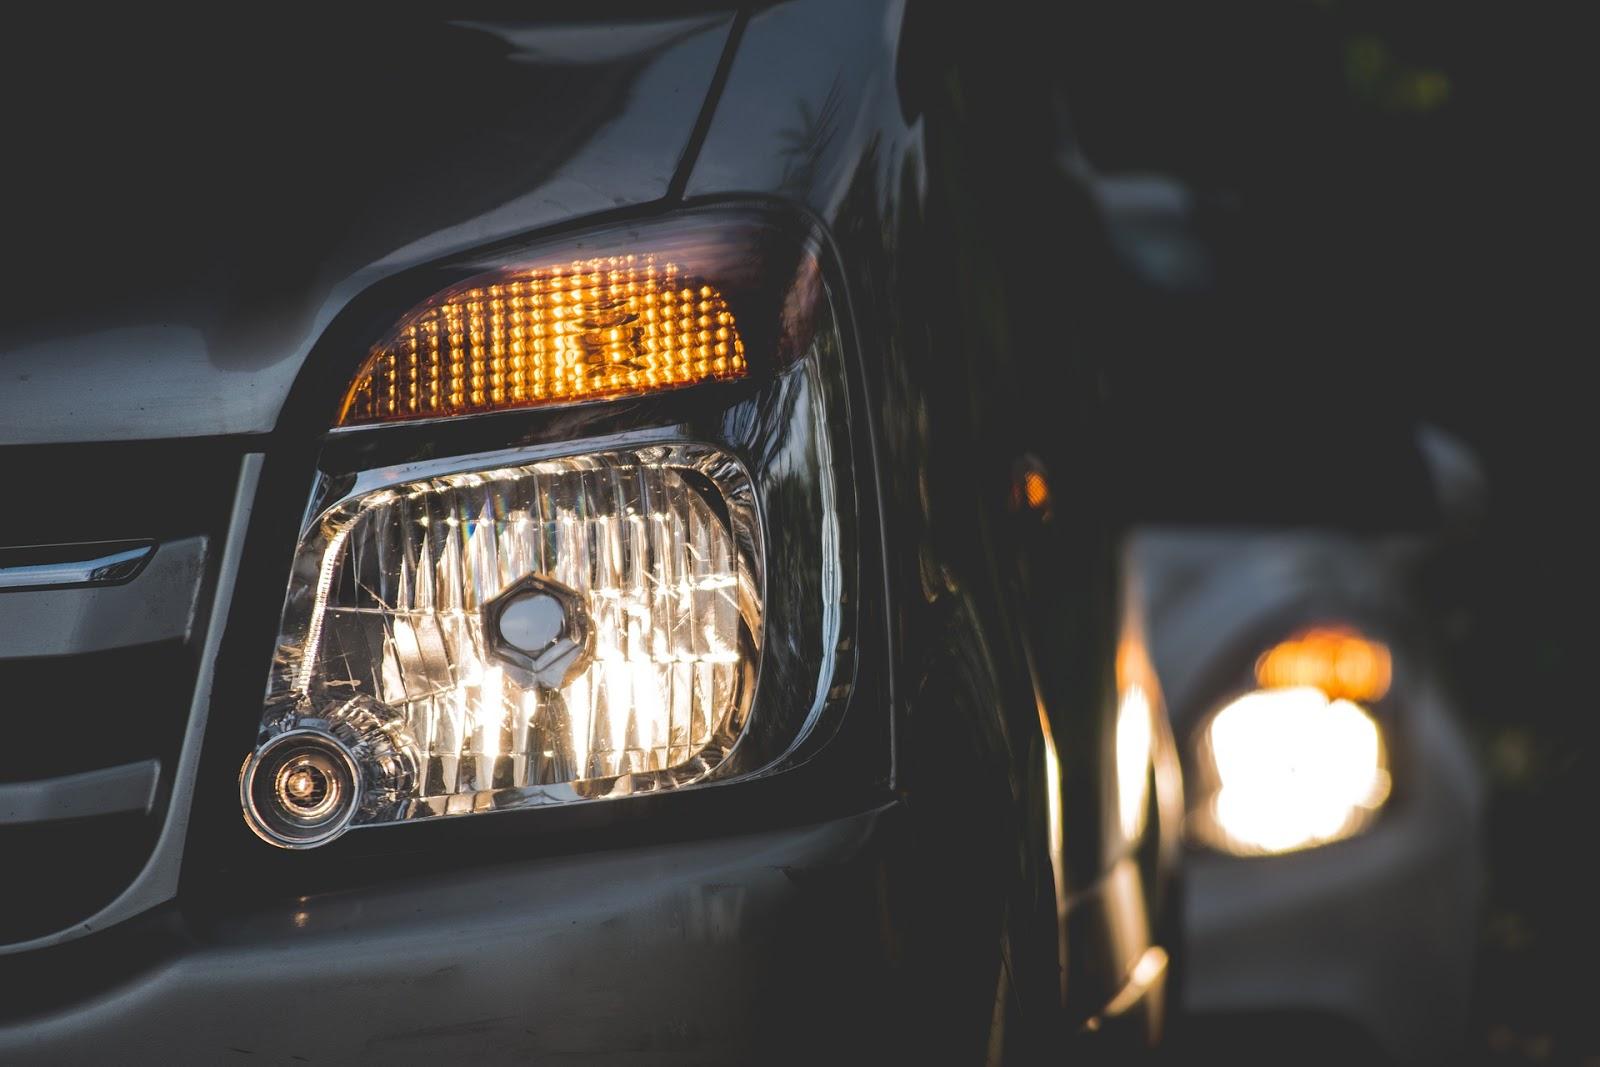 Iluminación del coche: Tipos de luces y cuándo utilizarlas